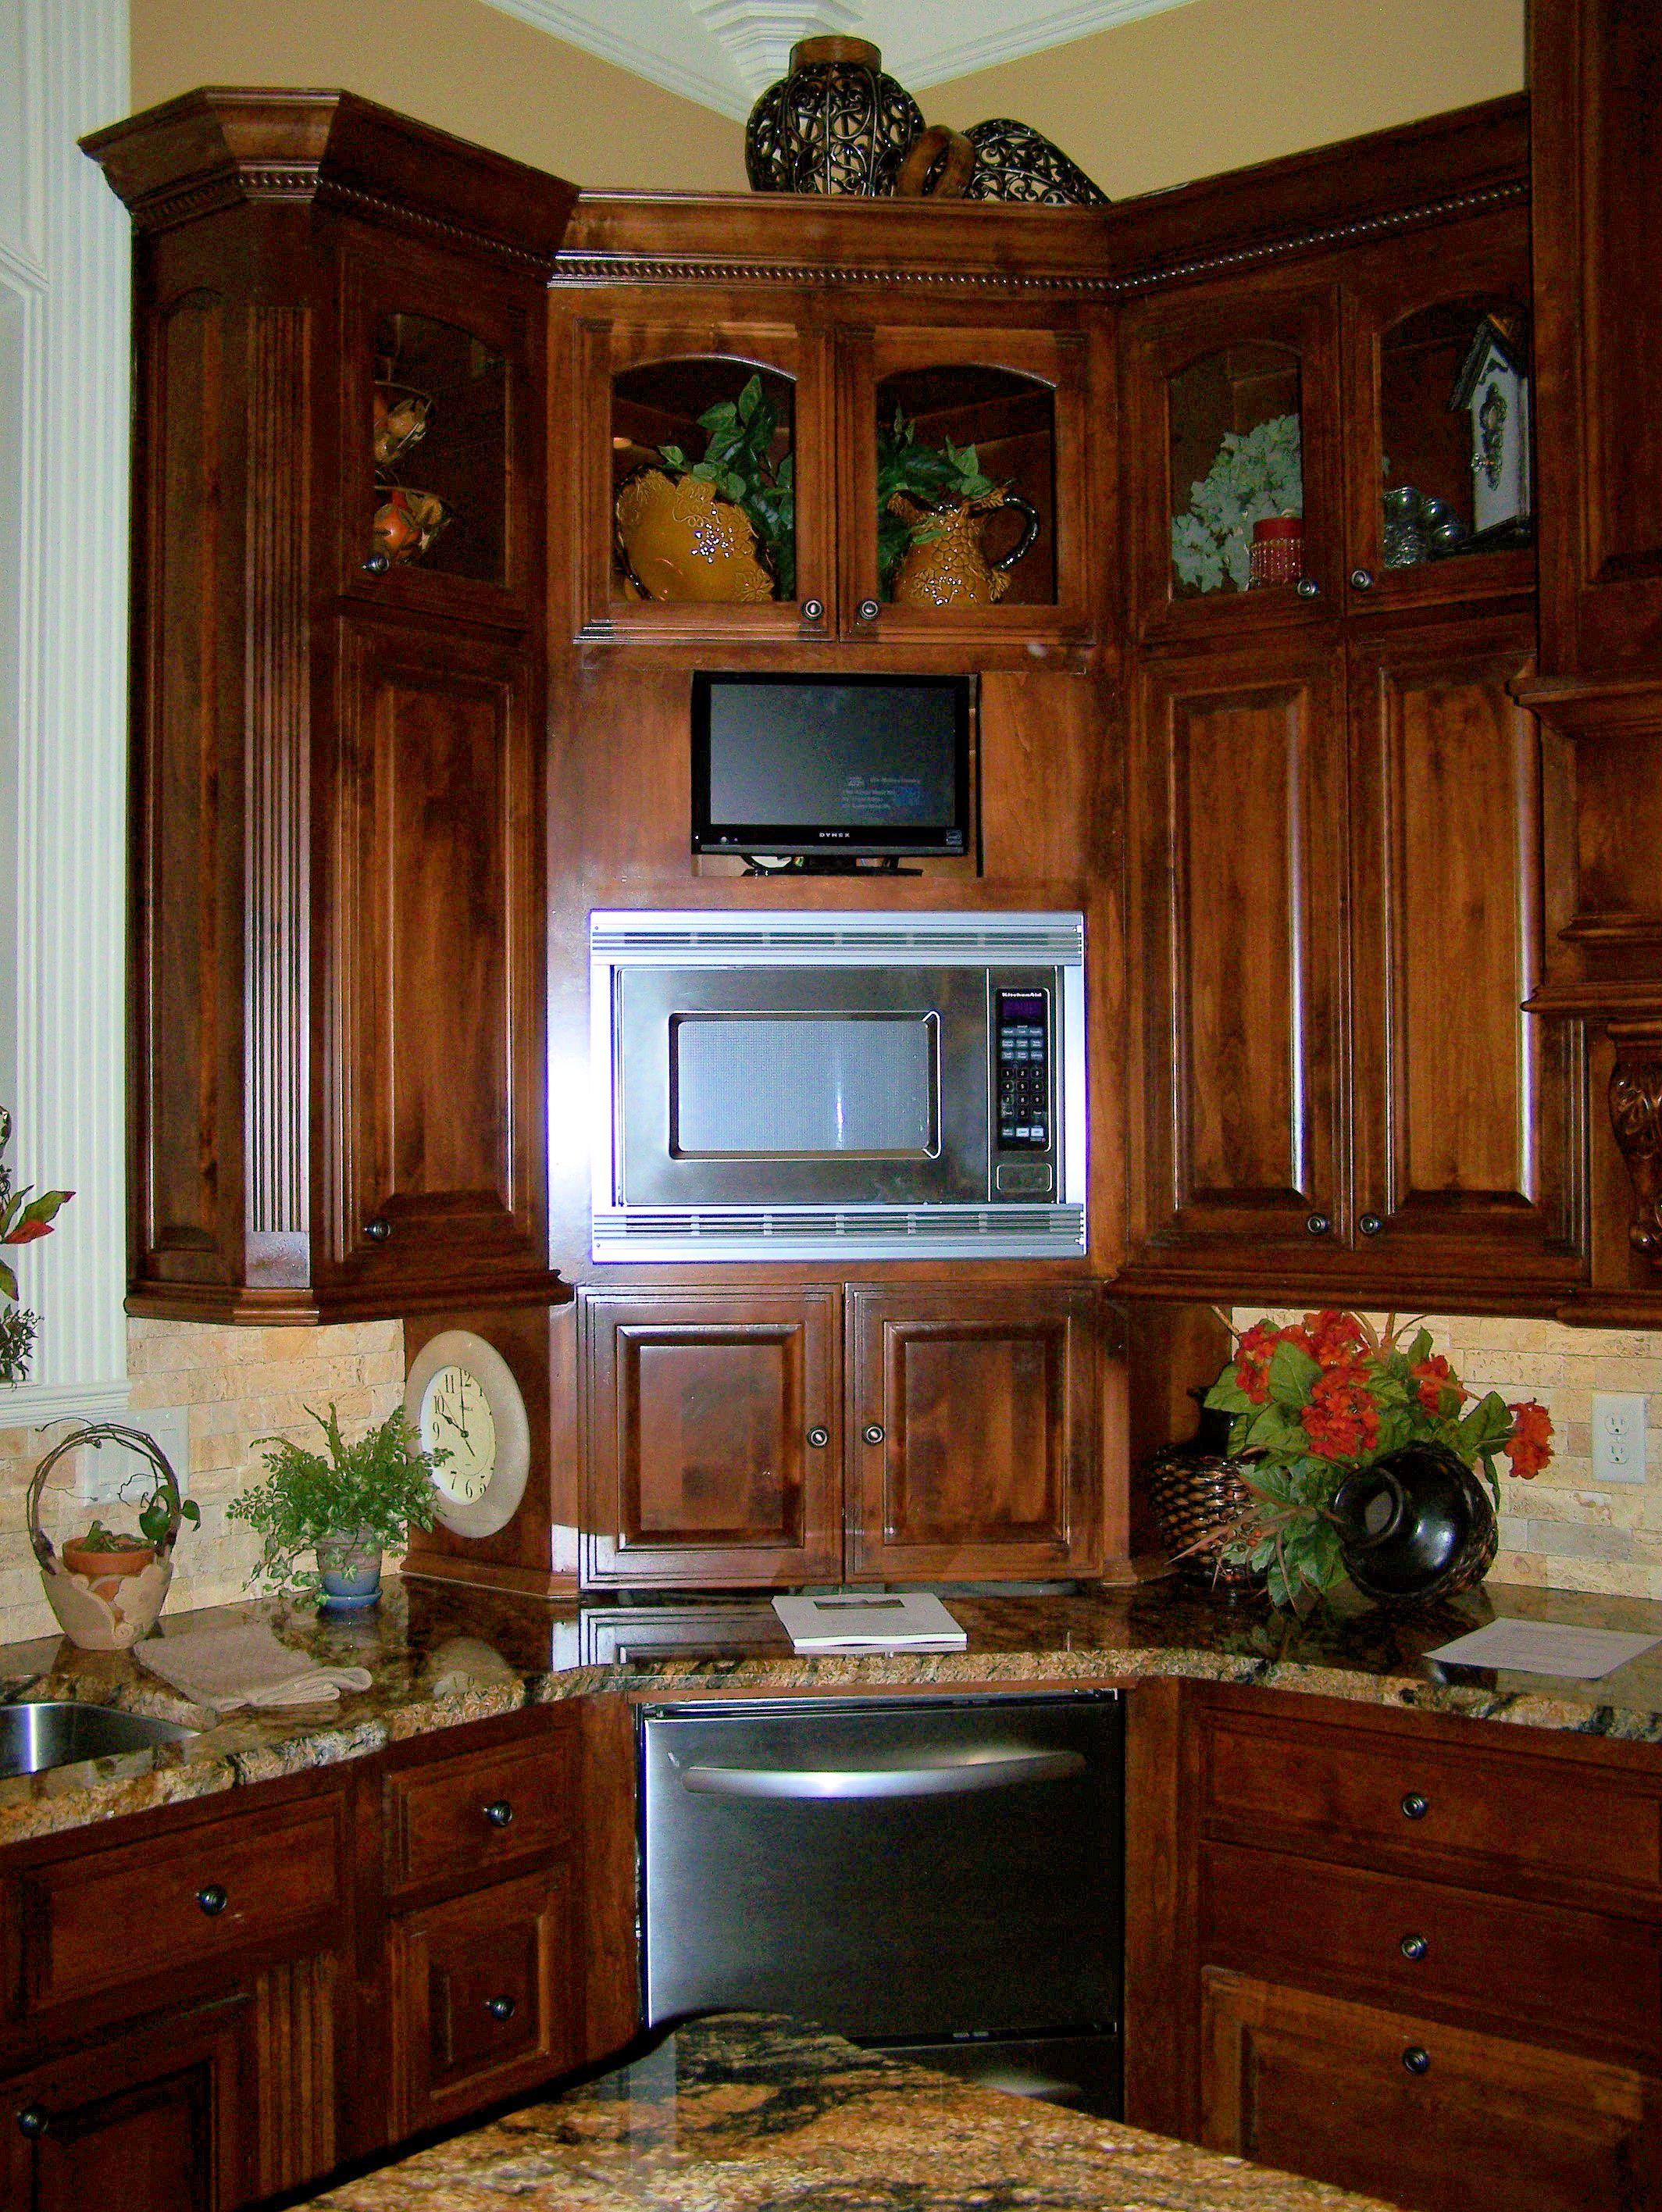 Kitchen Cabinet Design Idea